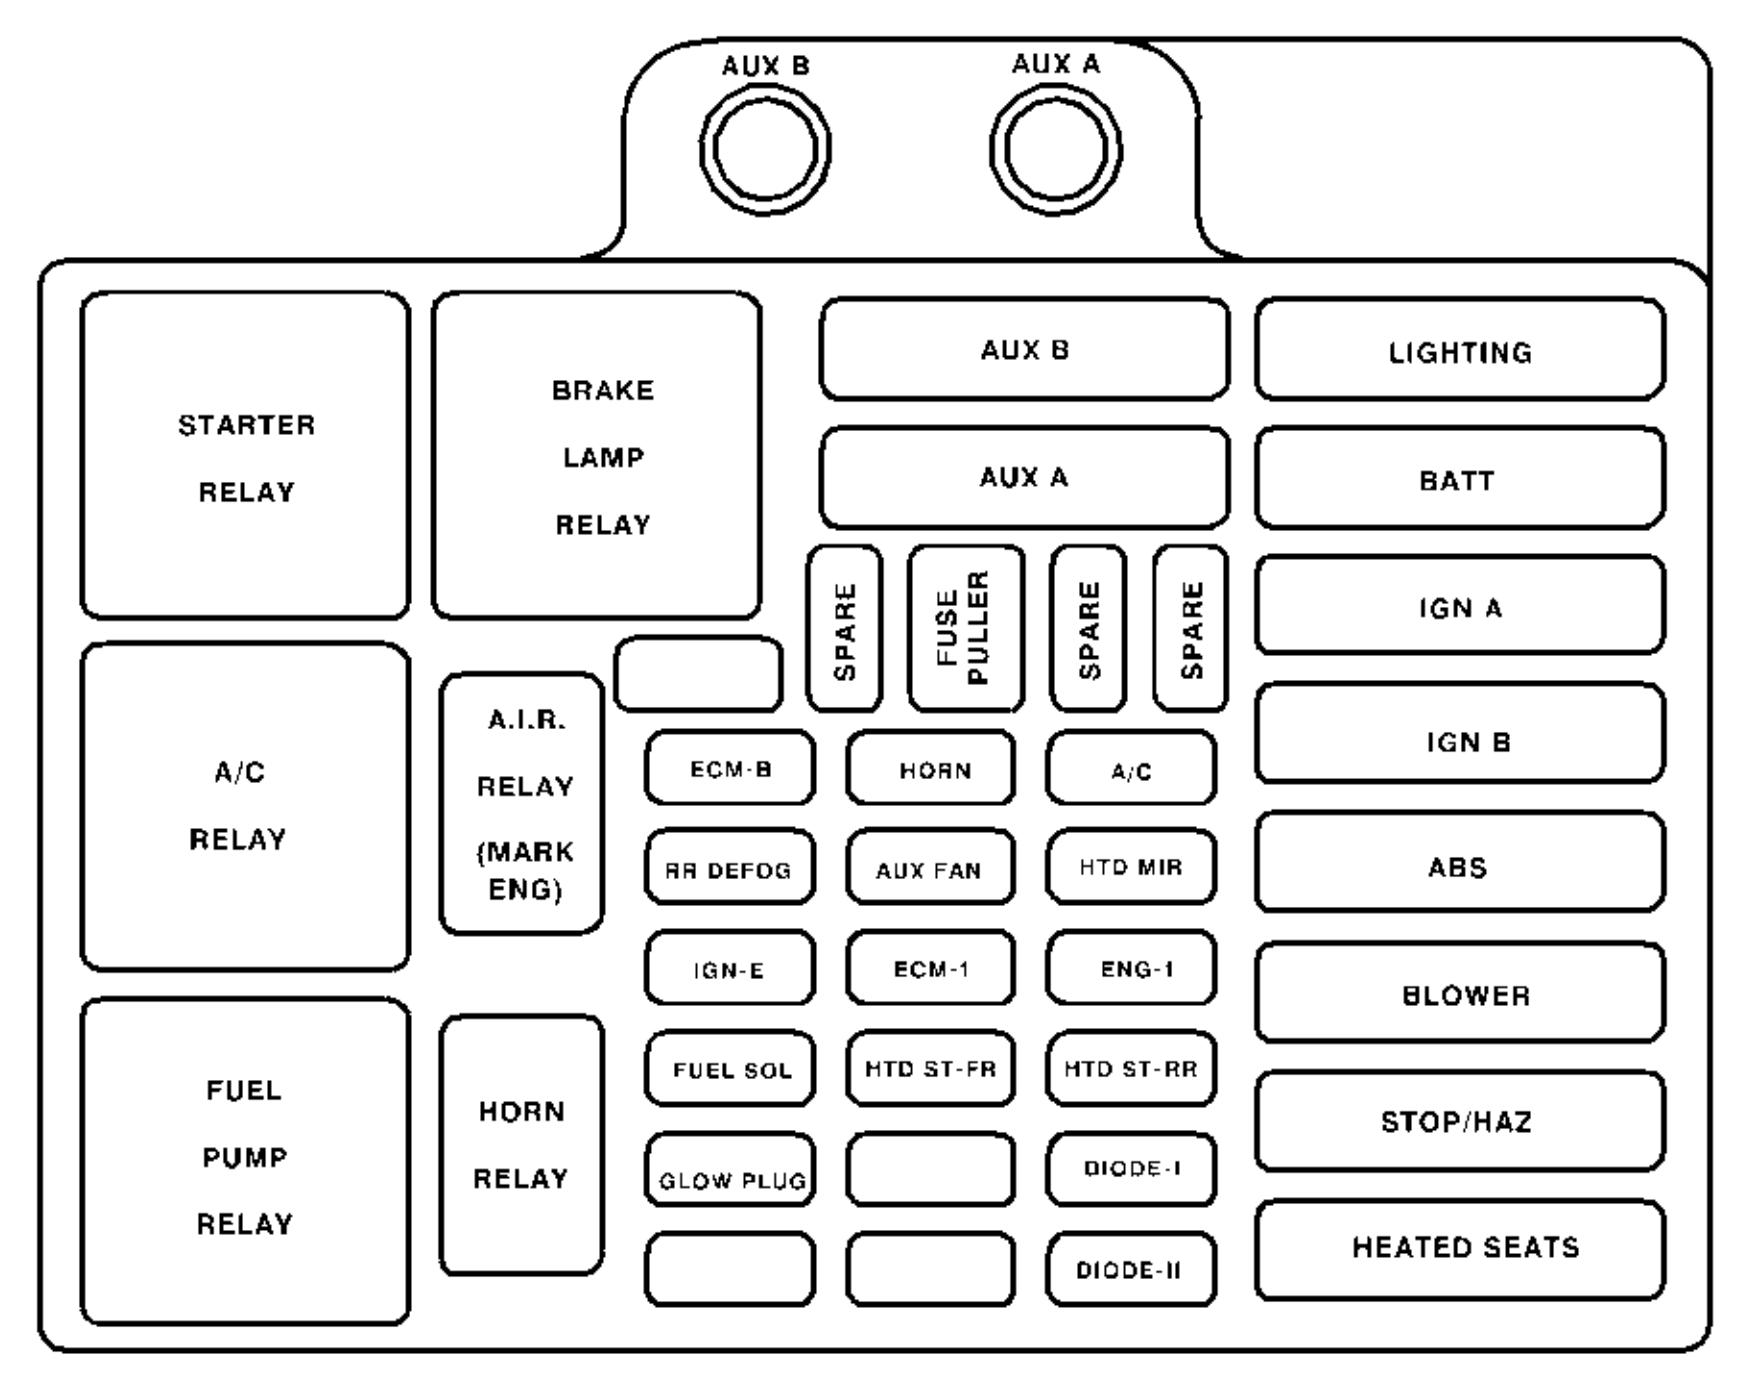 Chevrolet Tahoe (1999 - 2000)